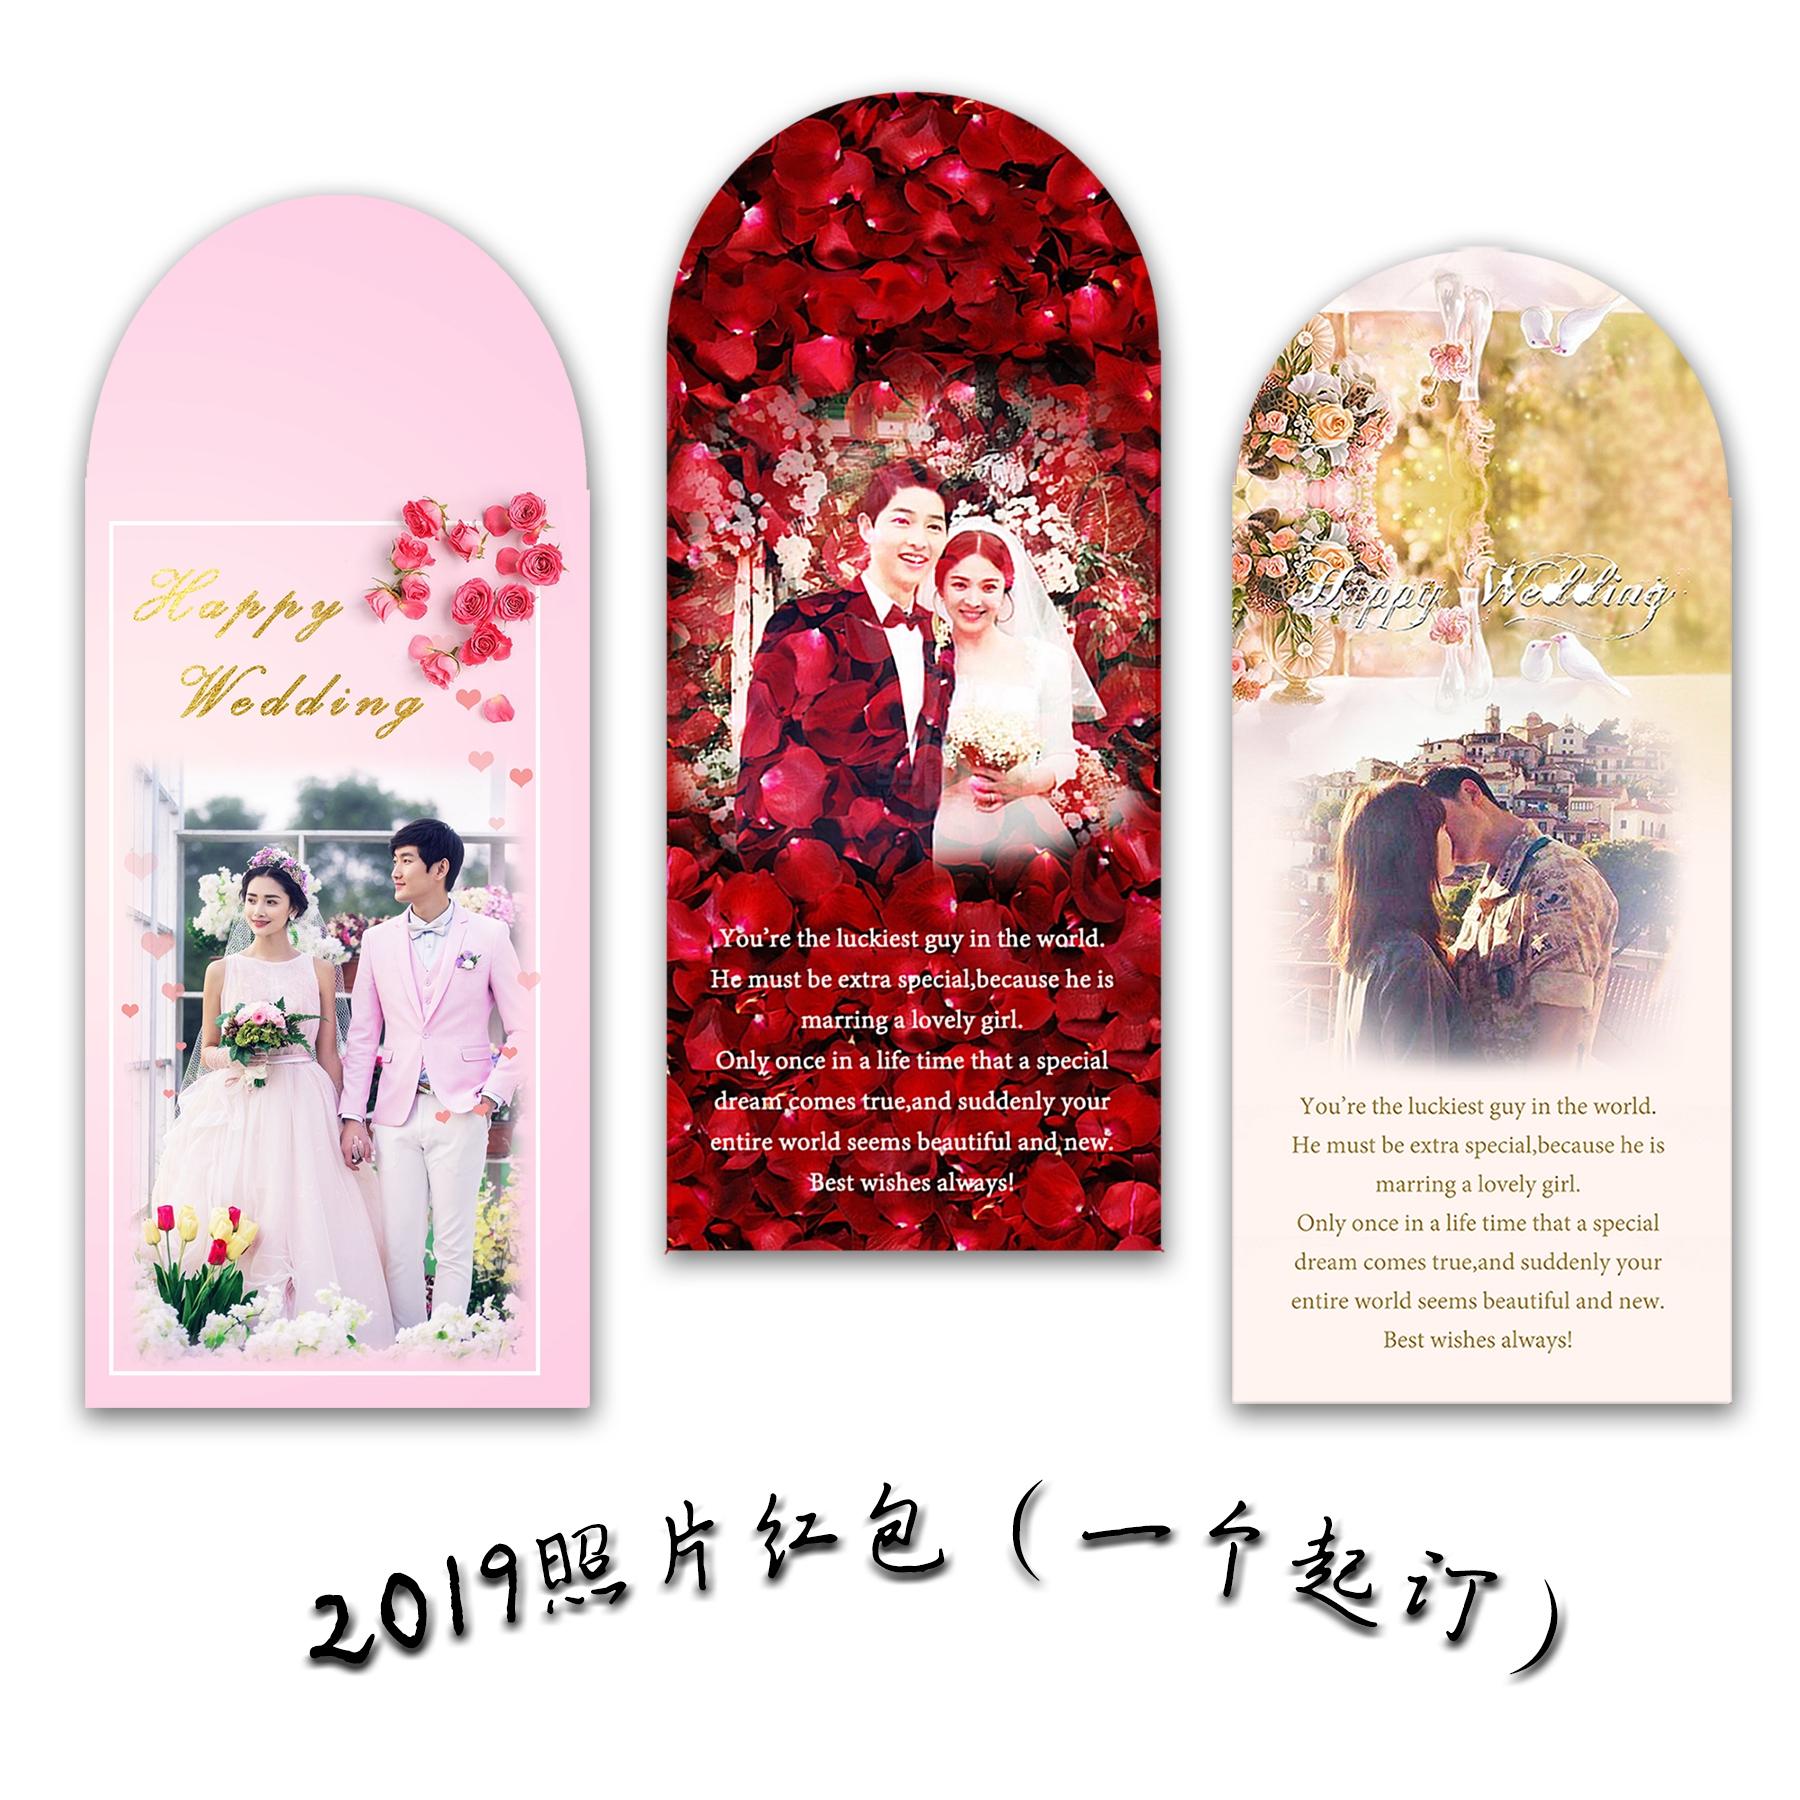 结婚礼红包定制照片创意个性diy来图片生日印logo利是封欧韩式袋12-03新券